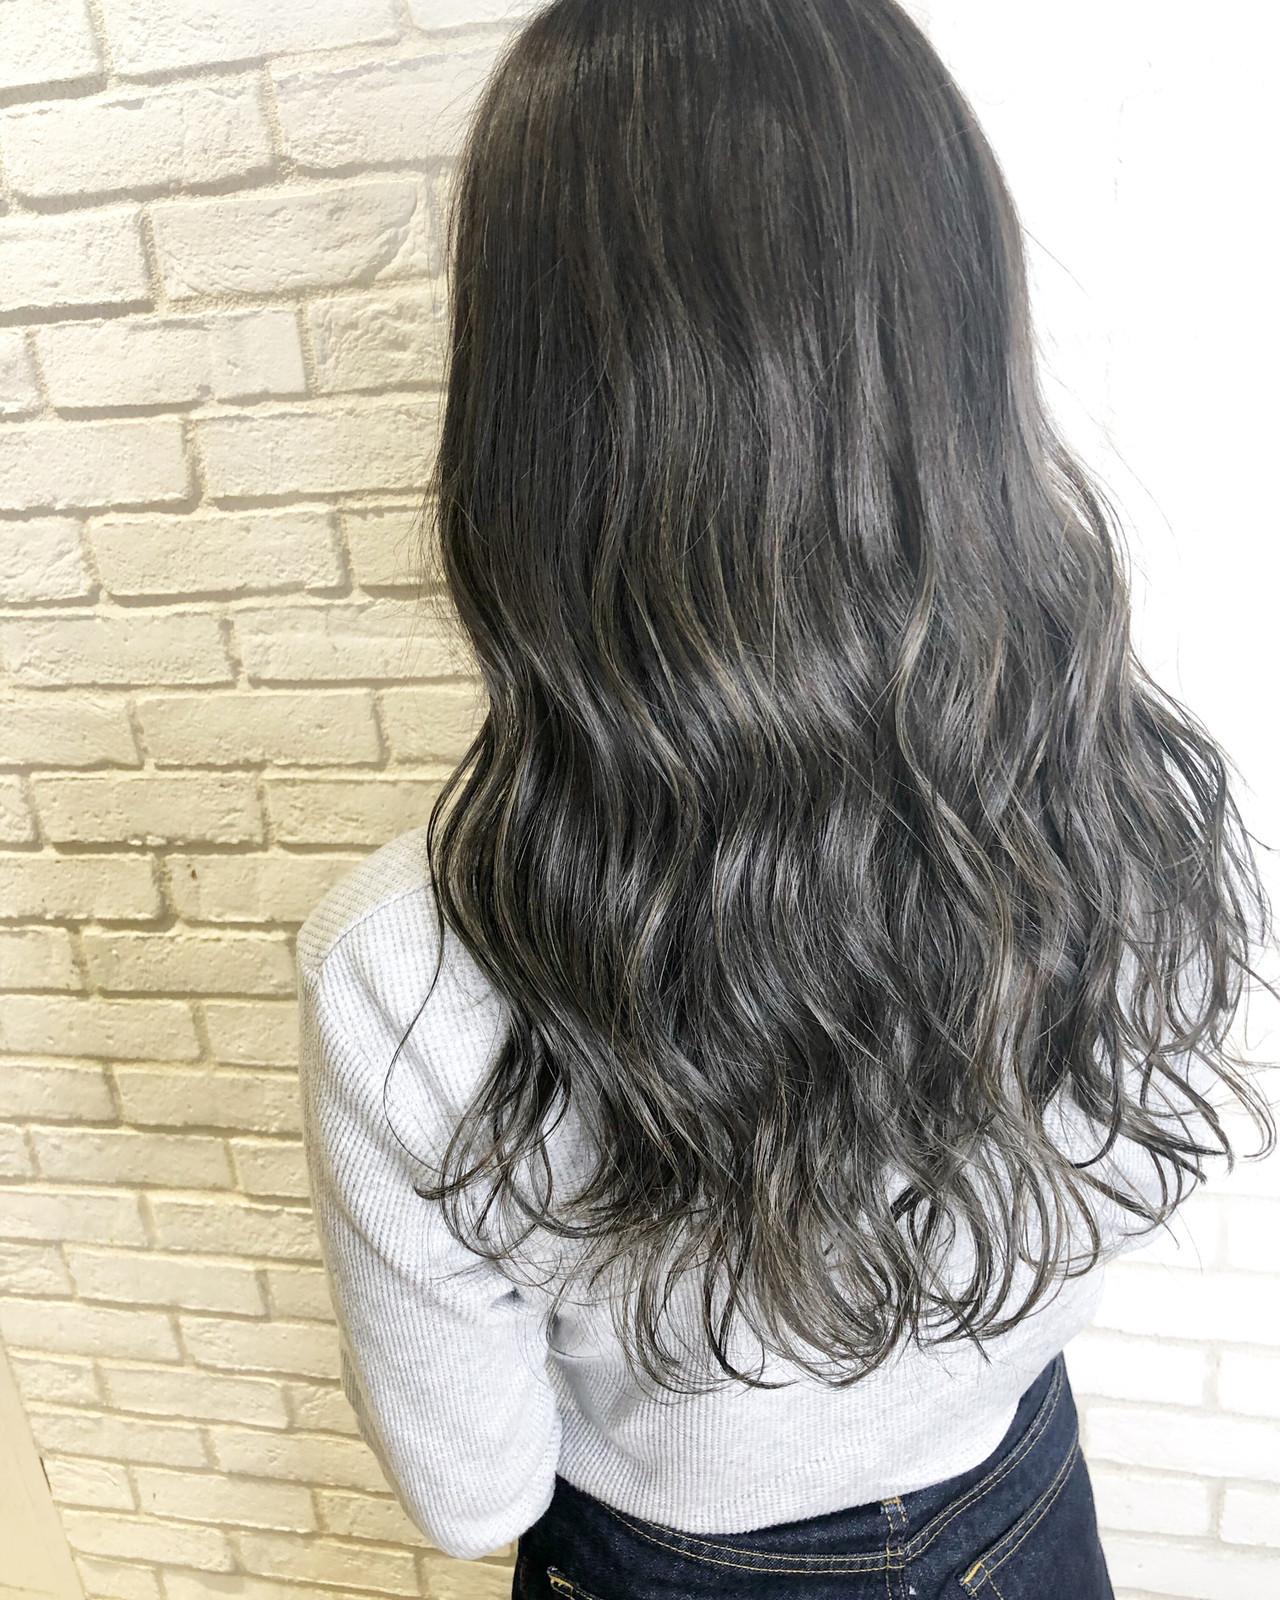 グレージュ 暗髪 ハイライト アディクシーカラー ヘアスタイルや髪型の写真・画像